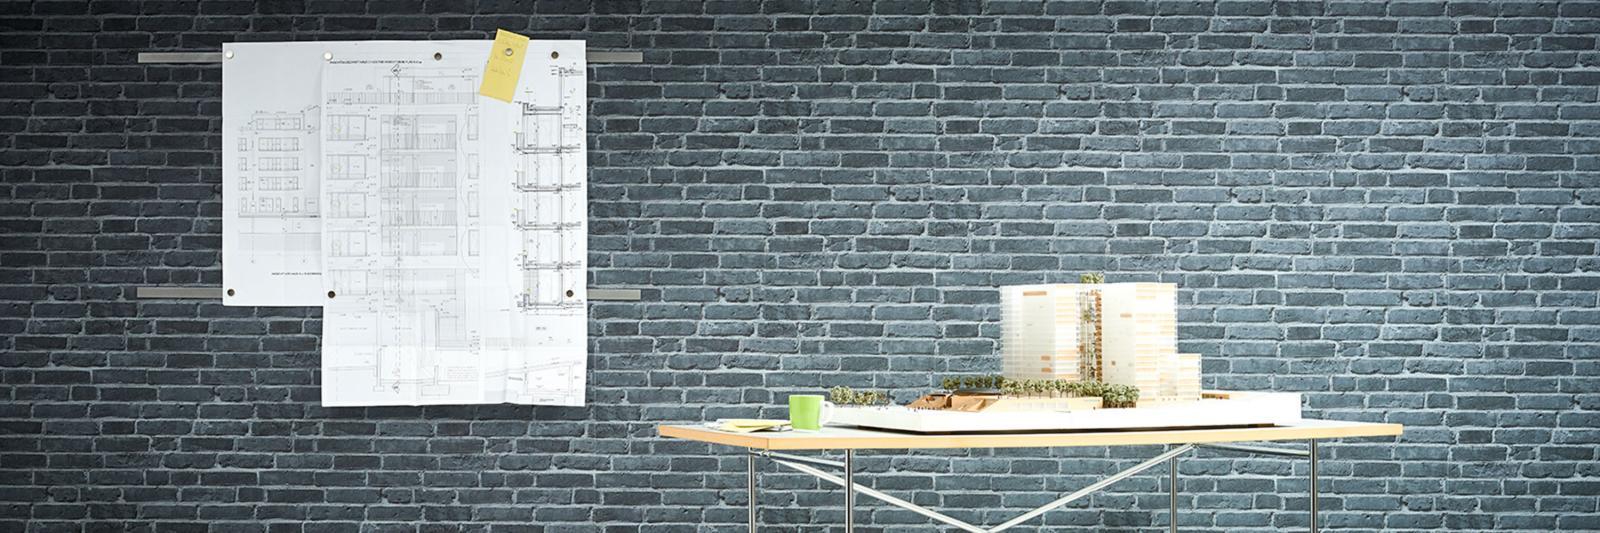 CAD + Reprofolien. Modell eines Gebäudes auf einem Schreibtisch und eine Konstruktionszeichnung auf einer grauen Wand.